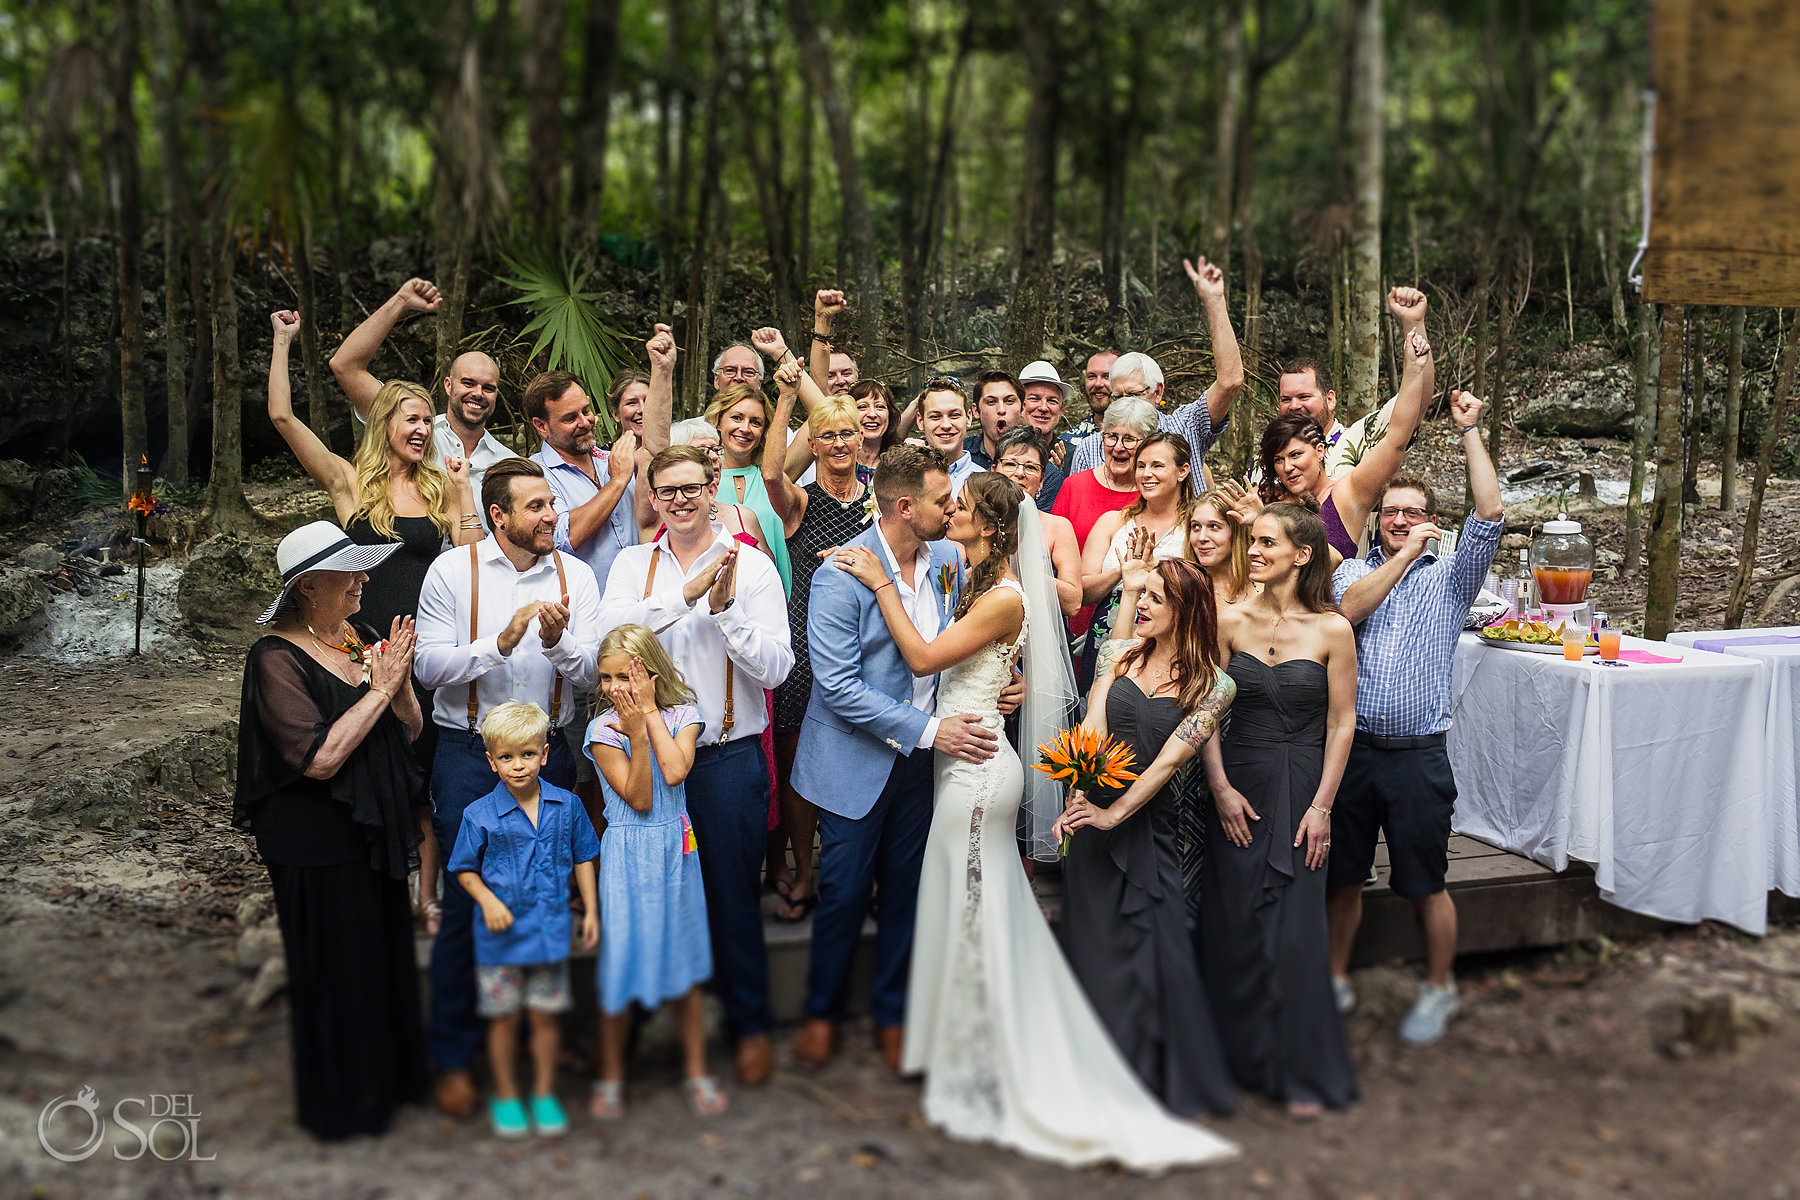 la buena vida akumal wedding party